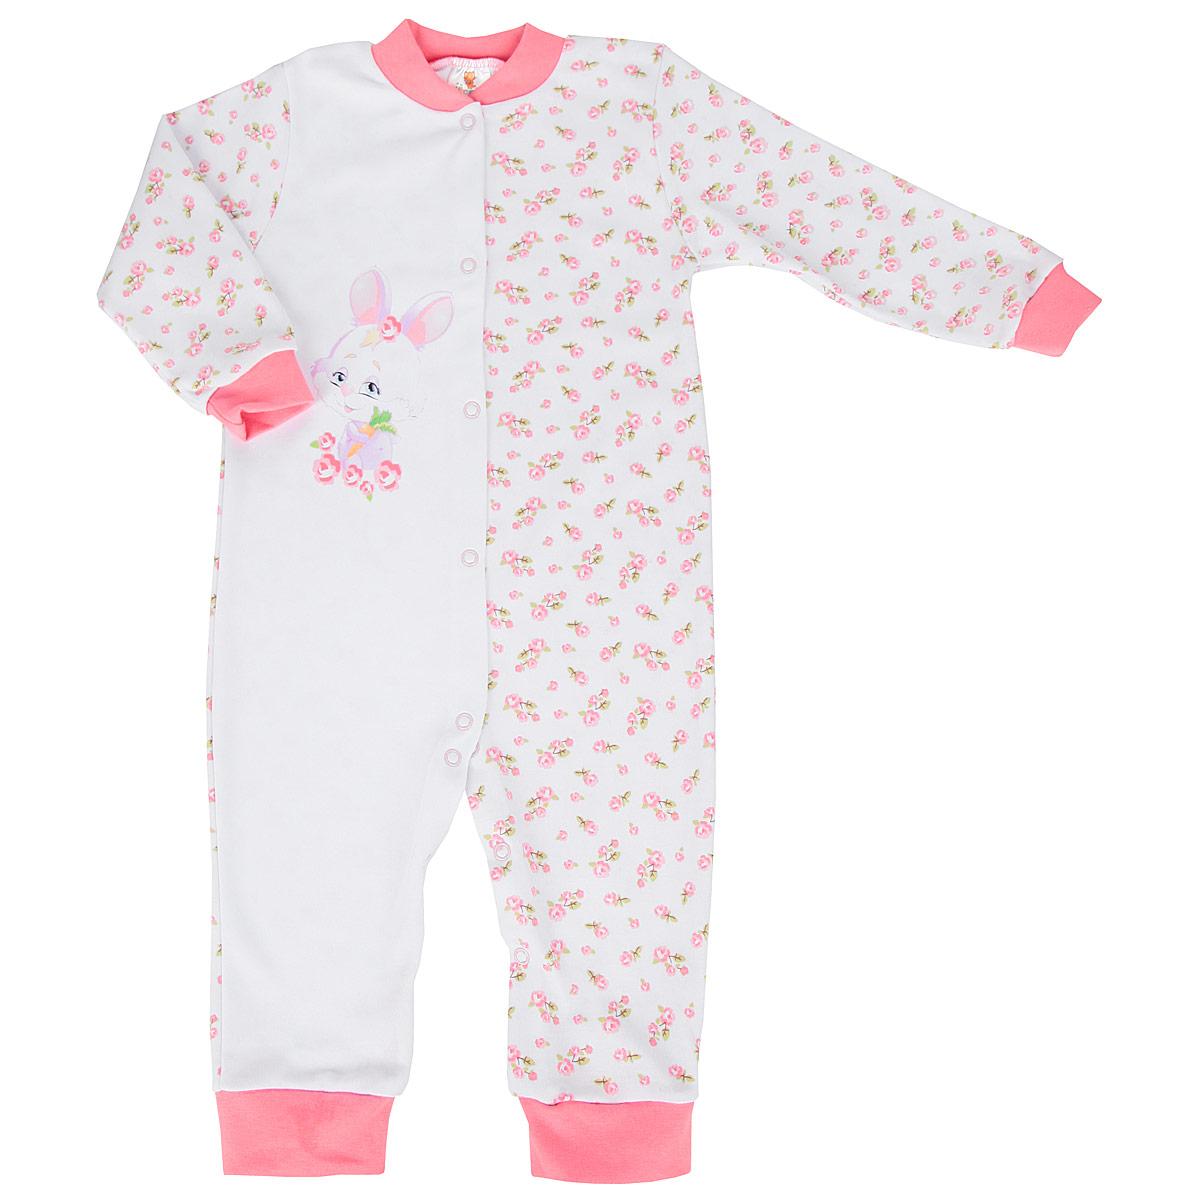 Комбинезон для девочки. 36663666Детский комбинезон для девочки КотМарКот - очень удобный и практичный вид одежды для малышей. Комбинезон выполнен из натурального хлопка, благодаря чему он необычайно мягкий и приятный на ощупь, не раздражает нежную кожу ребенка, хорошо вентилируется, и не препятствует его движениям. Комбинезон с длинными рукавами и открытыми ножками застегивается при помощи ряда кнопок спереди и по внутреннему шву штанин, что помогает легко переодеть младенца или сменить подгузник. Рукава и штанины по низу дополнены широкими трикотажными манжетами, которые мягко обхватывают запястья и ножки малышки. Комбинезон декорирован цветочным принтом и оформлен изображением трогательного зайчика. С этим детским комбинезоном спинка и ножки вашей малышки всегда будут в тепле, он идеален для использования днем и незаменим ночью. Комбинезон полностью соответствует особенностям жизни младенца в ранний период, не стесняя и не ограничивая его в движениях!